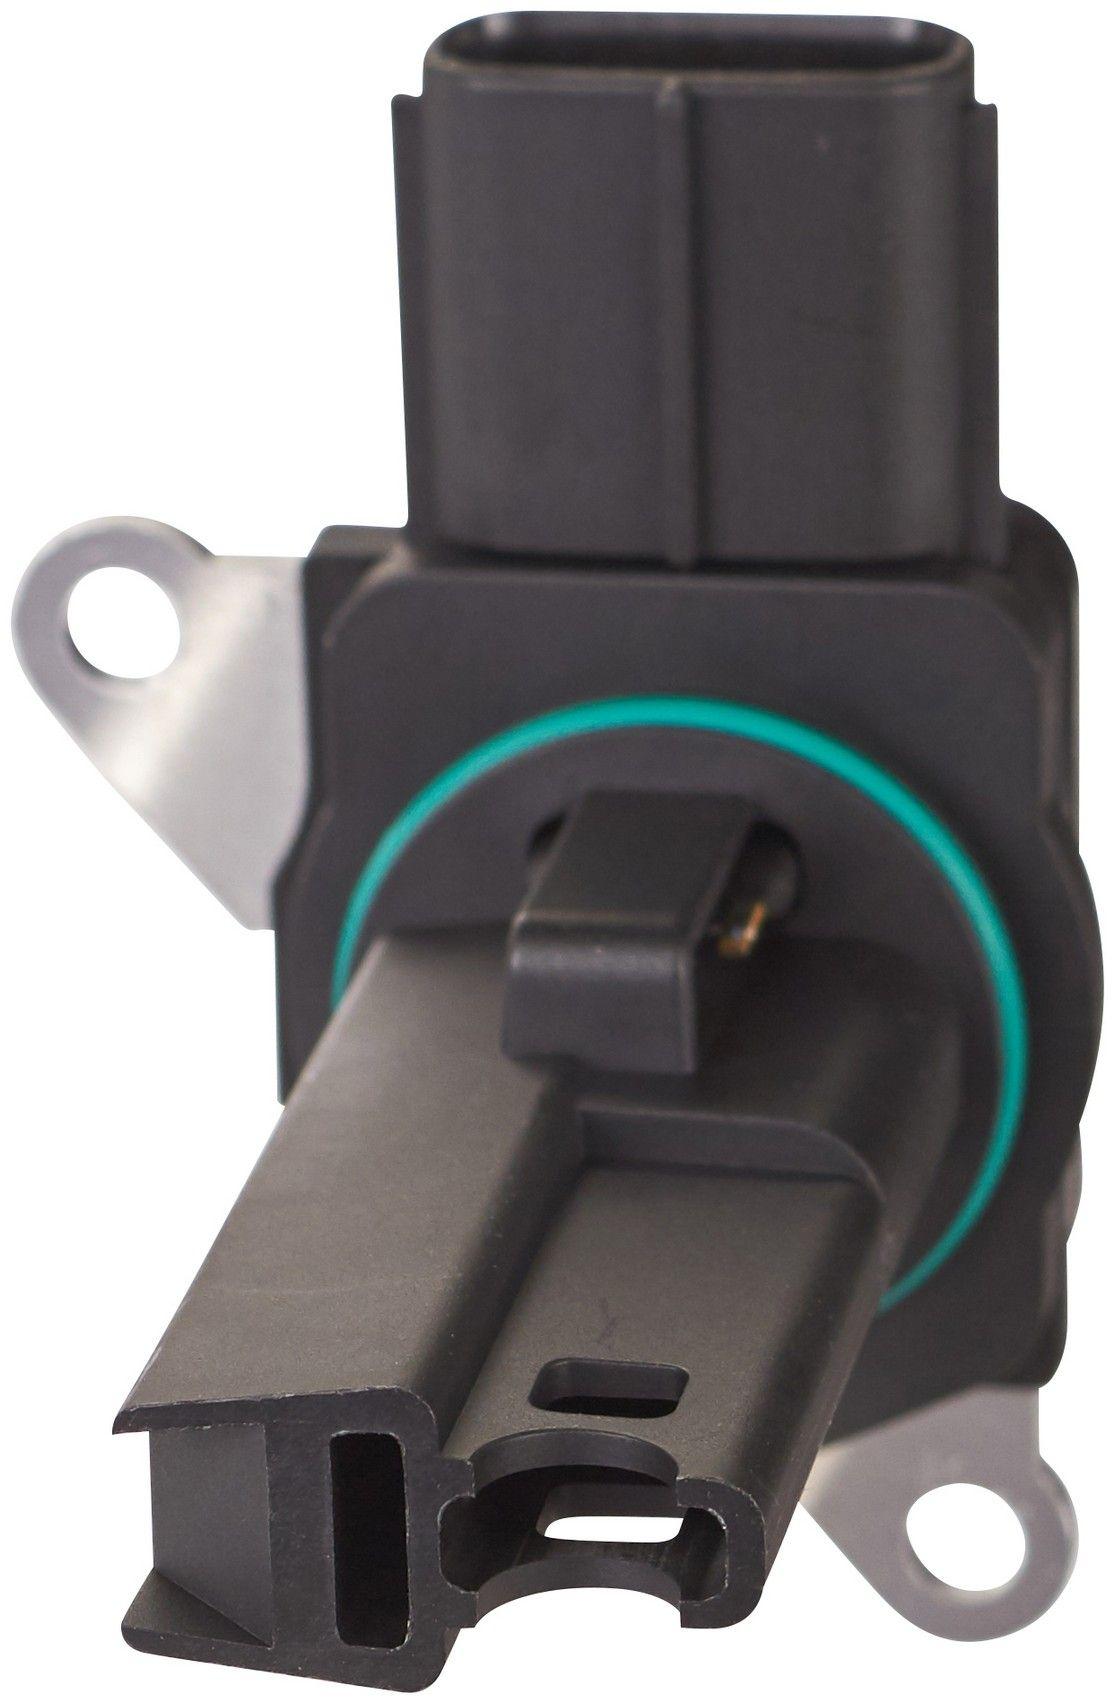 Toyota Sienna Mass Air Flow Sensor Replacement (Beck Arnley